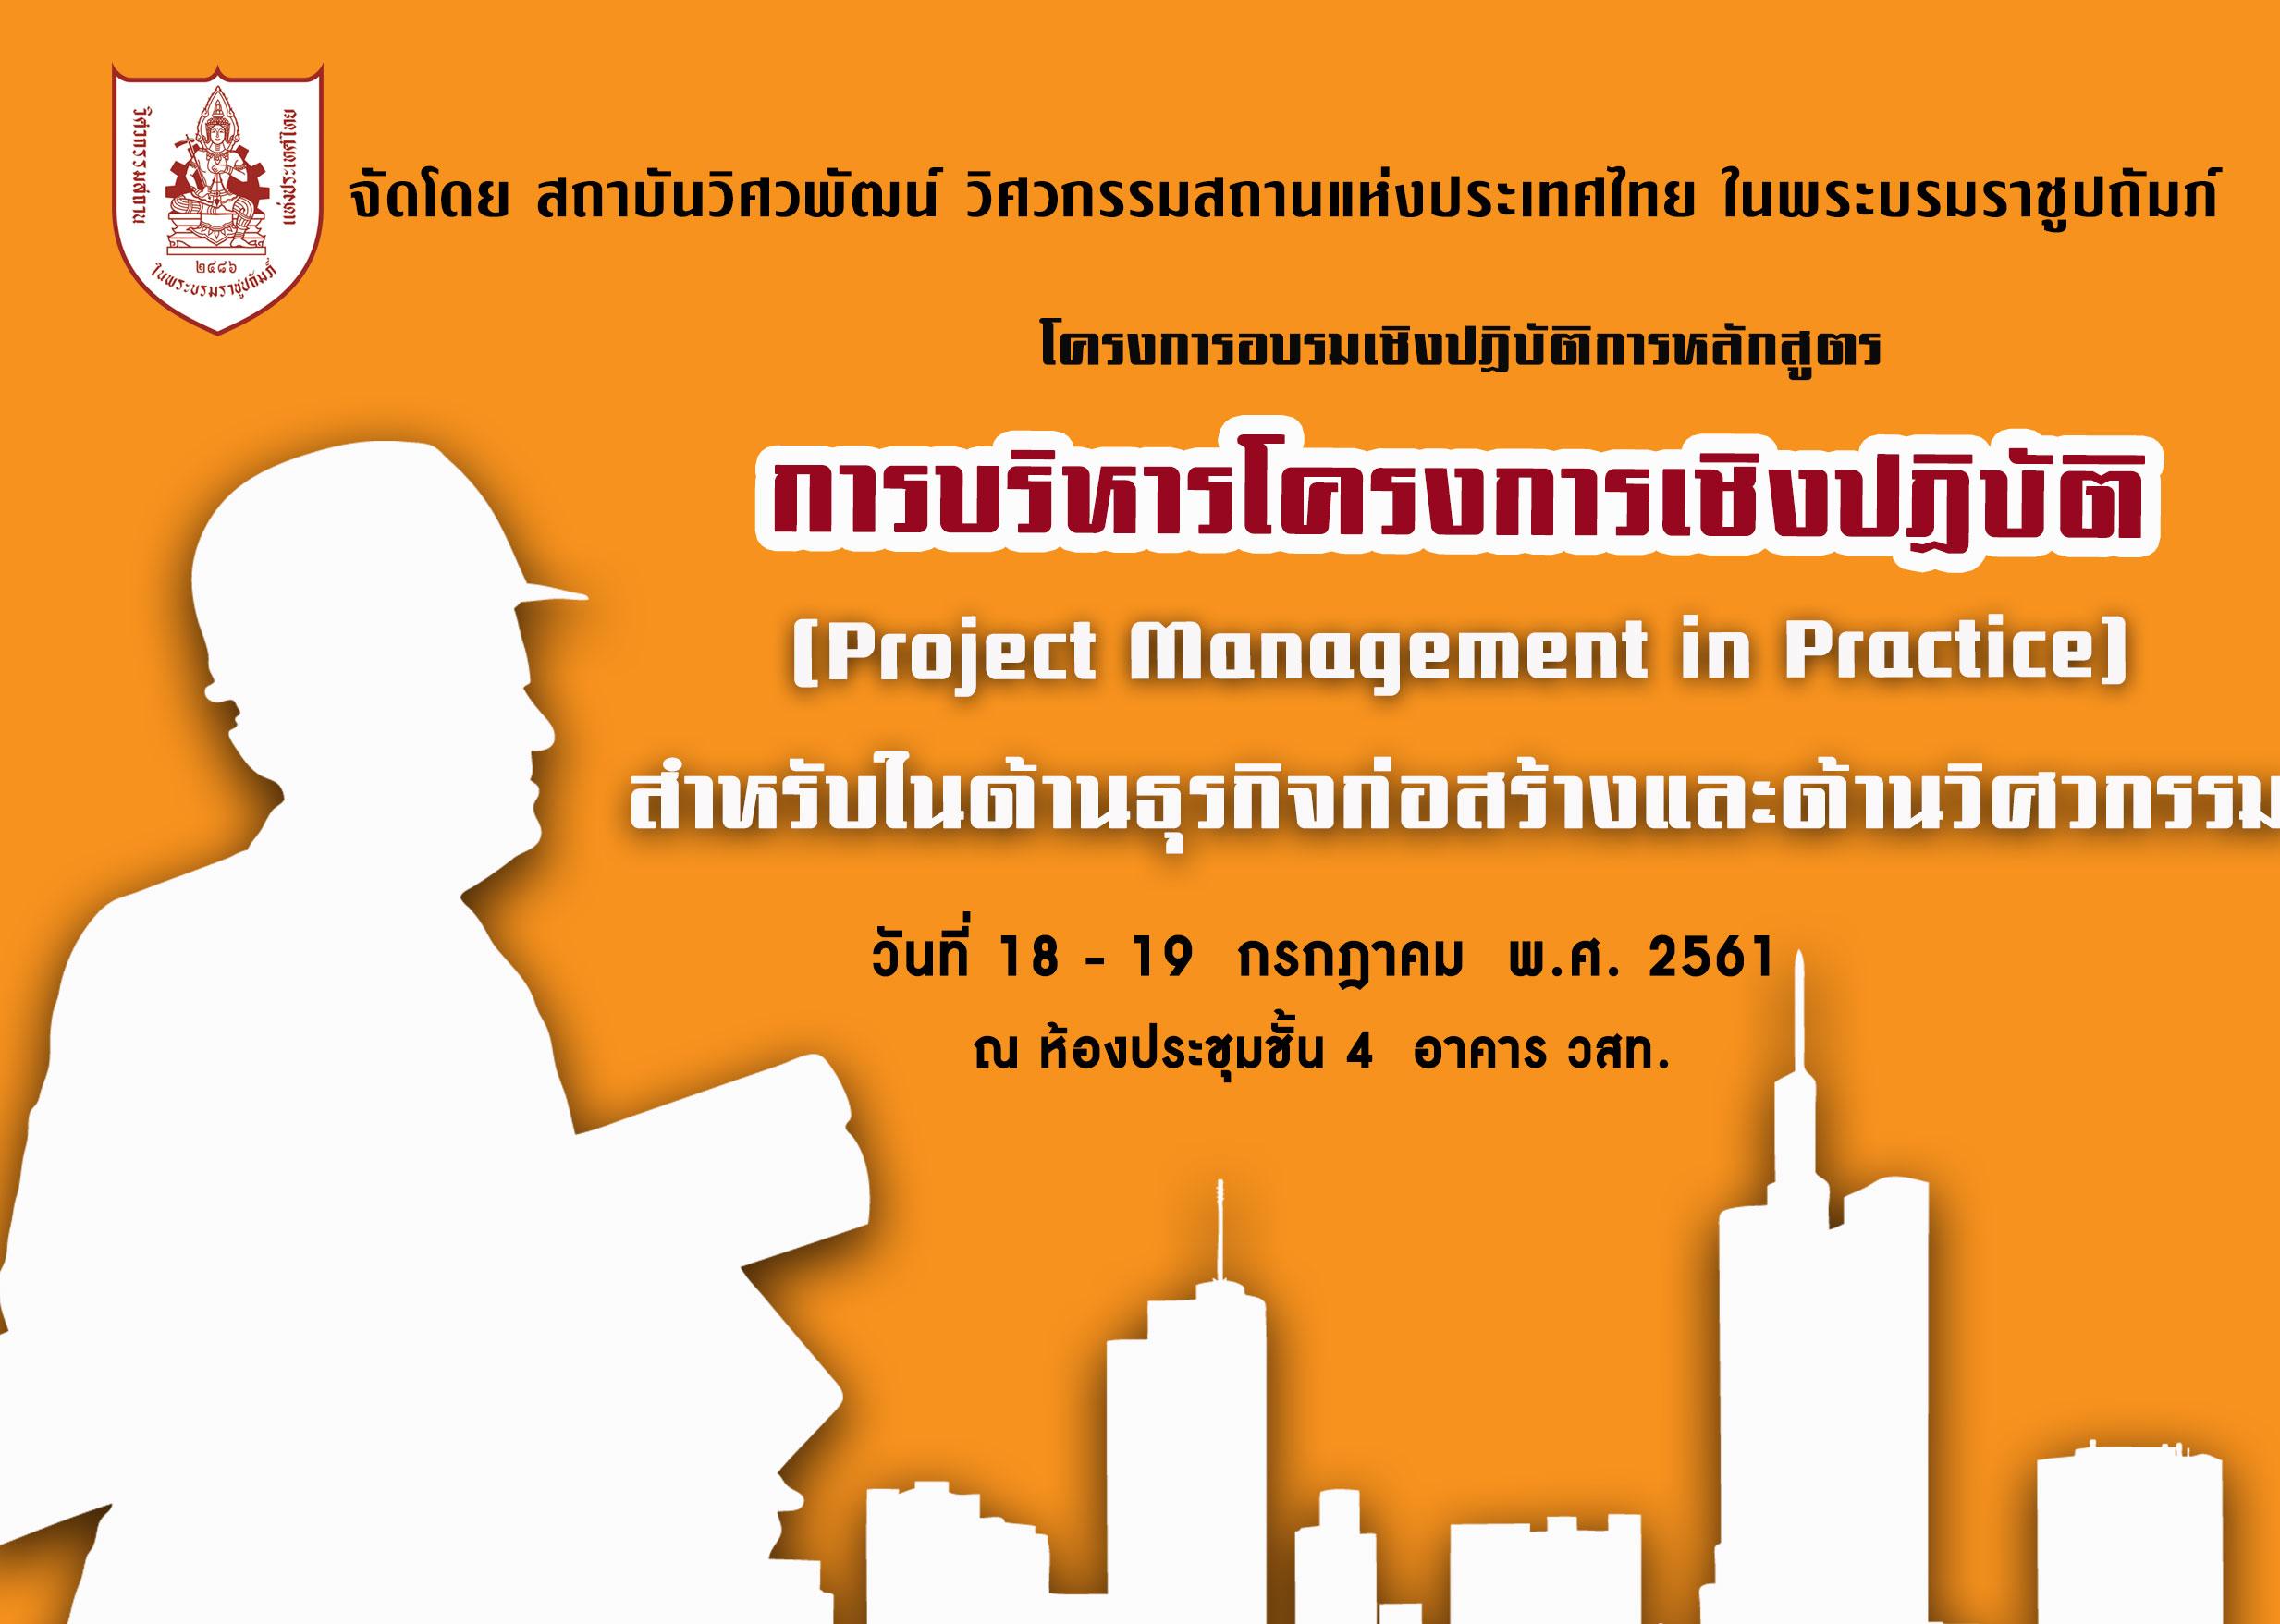 18-19/08/61การบริหารโครงการเชิงปฏิบัติ (Project Management in Practice) สำหรับในด้านธุรกิจก่อสร้างและด้านวิศวกรรม รุ่นที่24